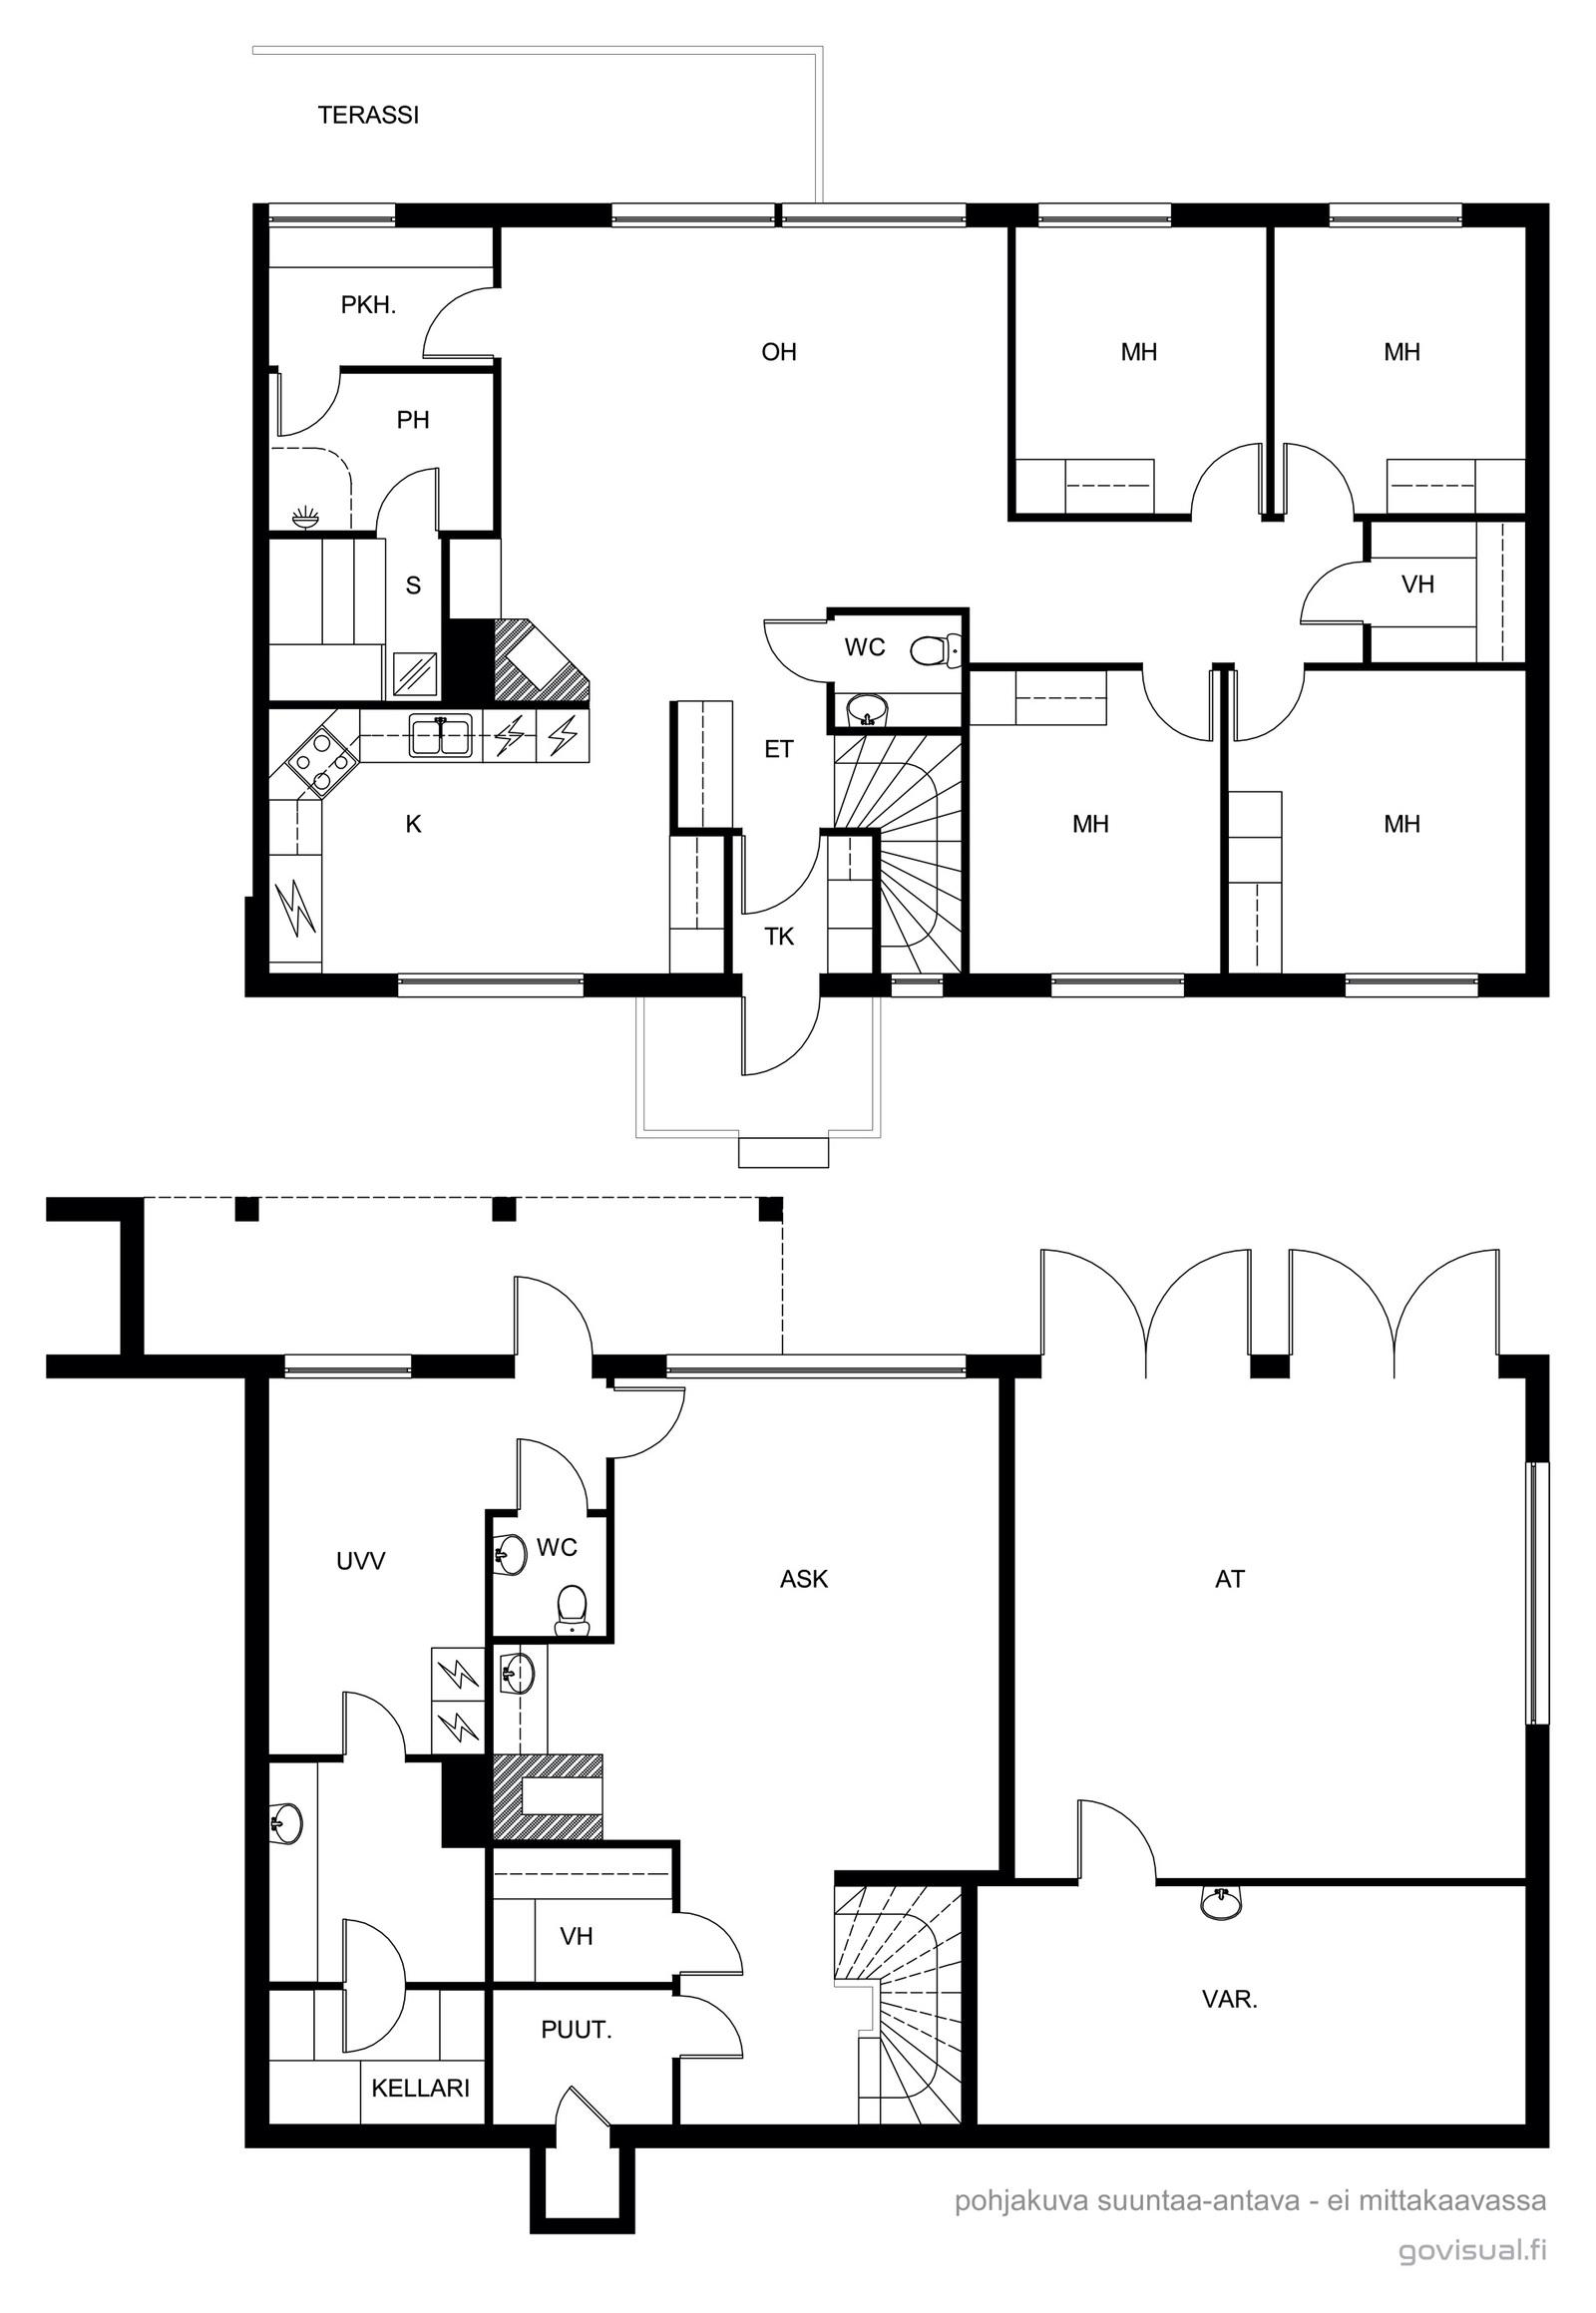 asunto 1, ylä ja alakerta, 116,5 m2 / kerros